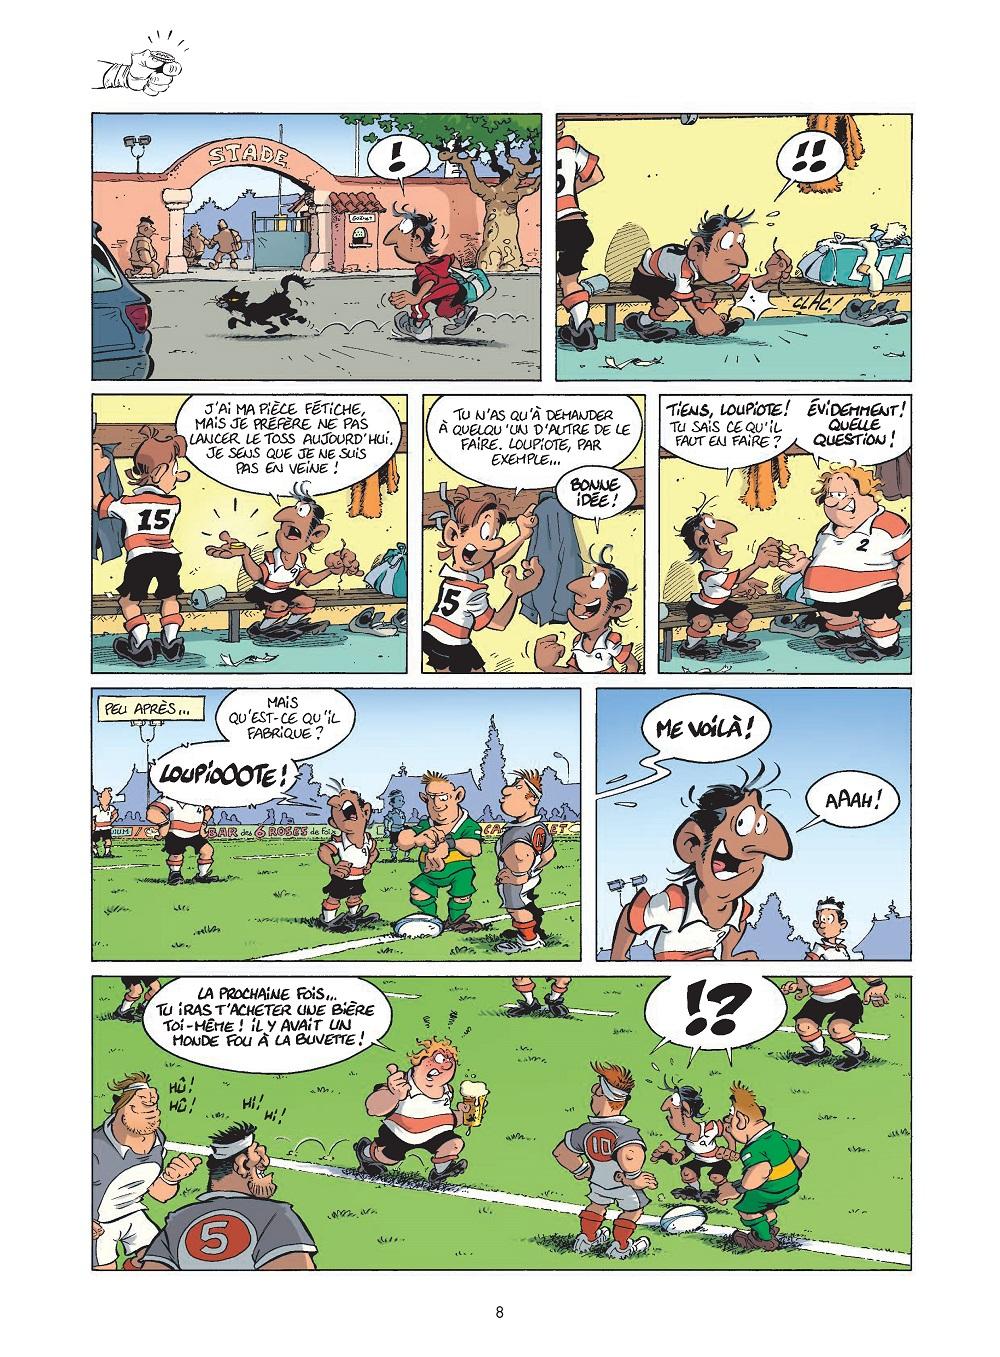 les rugbymen #17 planche 8